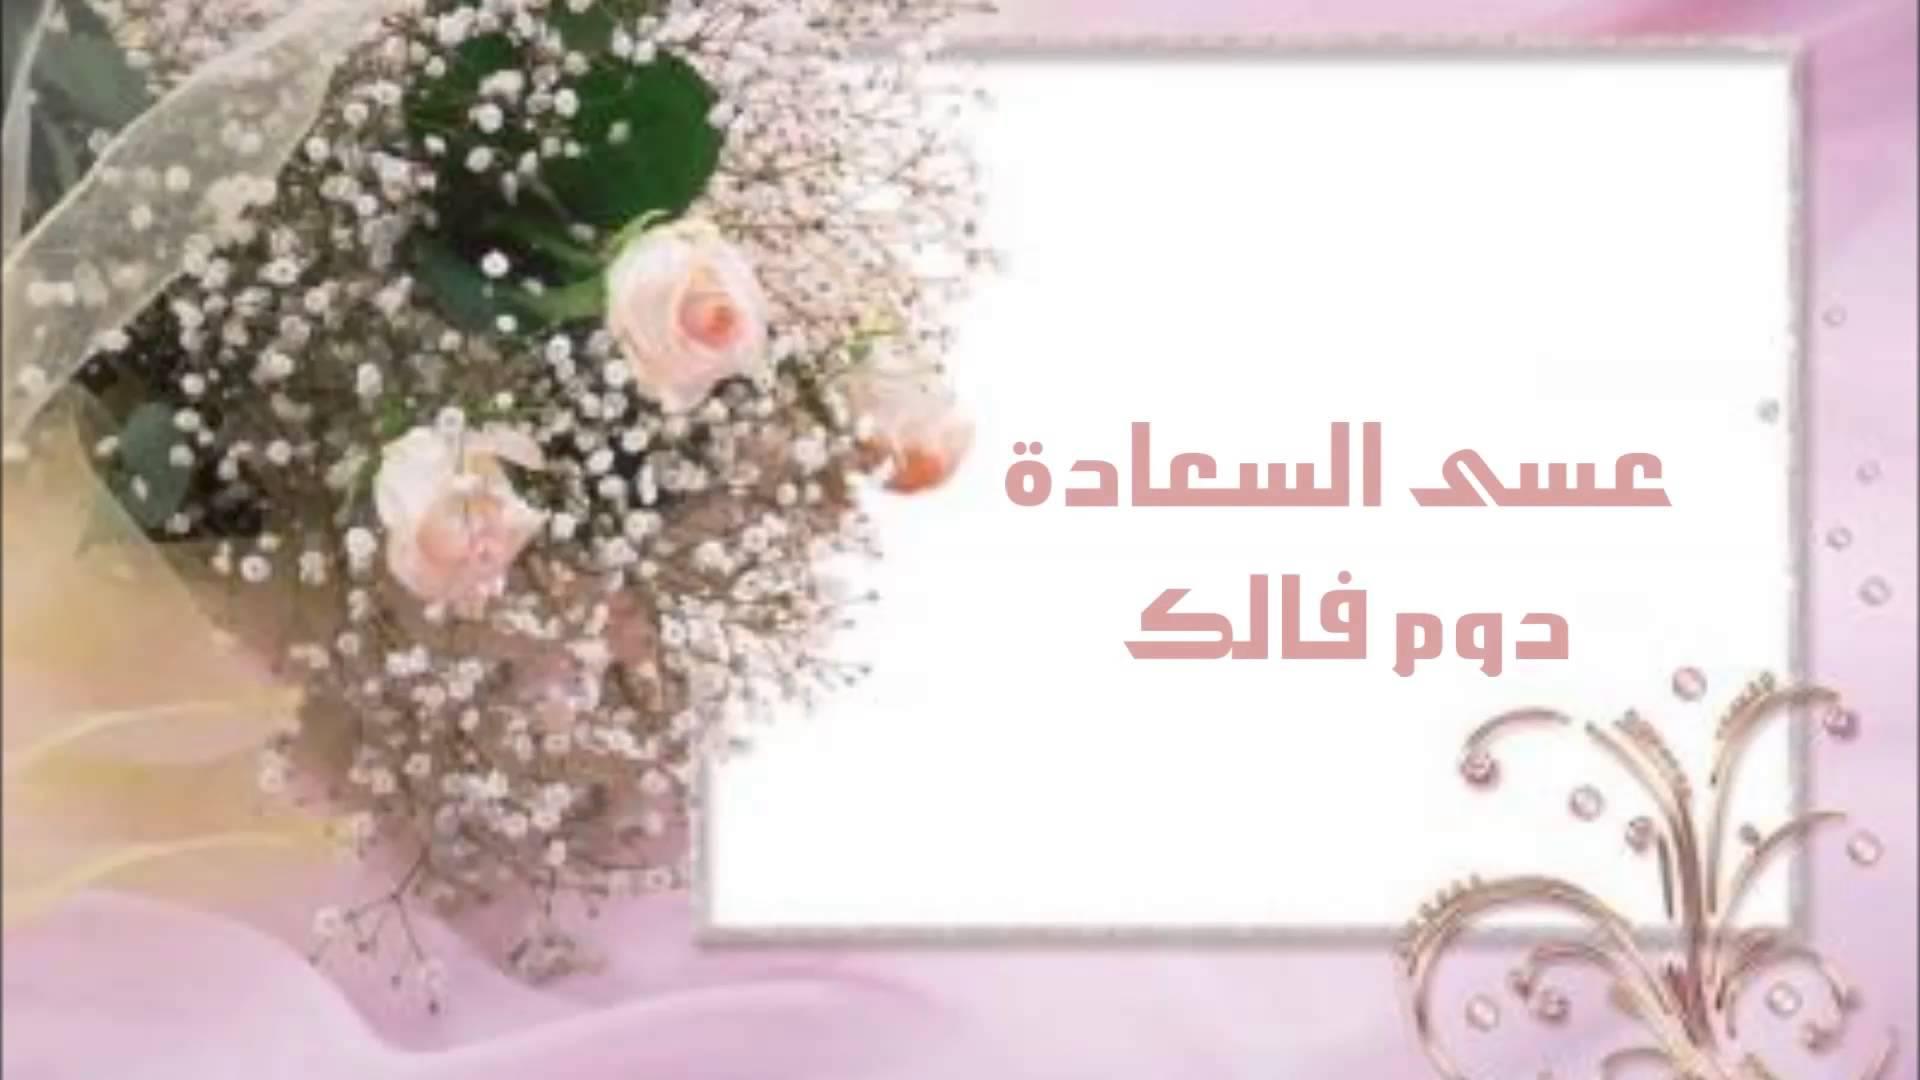 بالصور عبارات تهنئه للعروس للواتس , التهانى فى الافراح وماذا يقال 5438 2